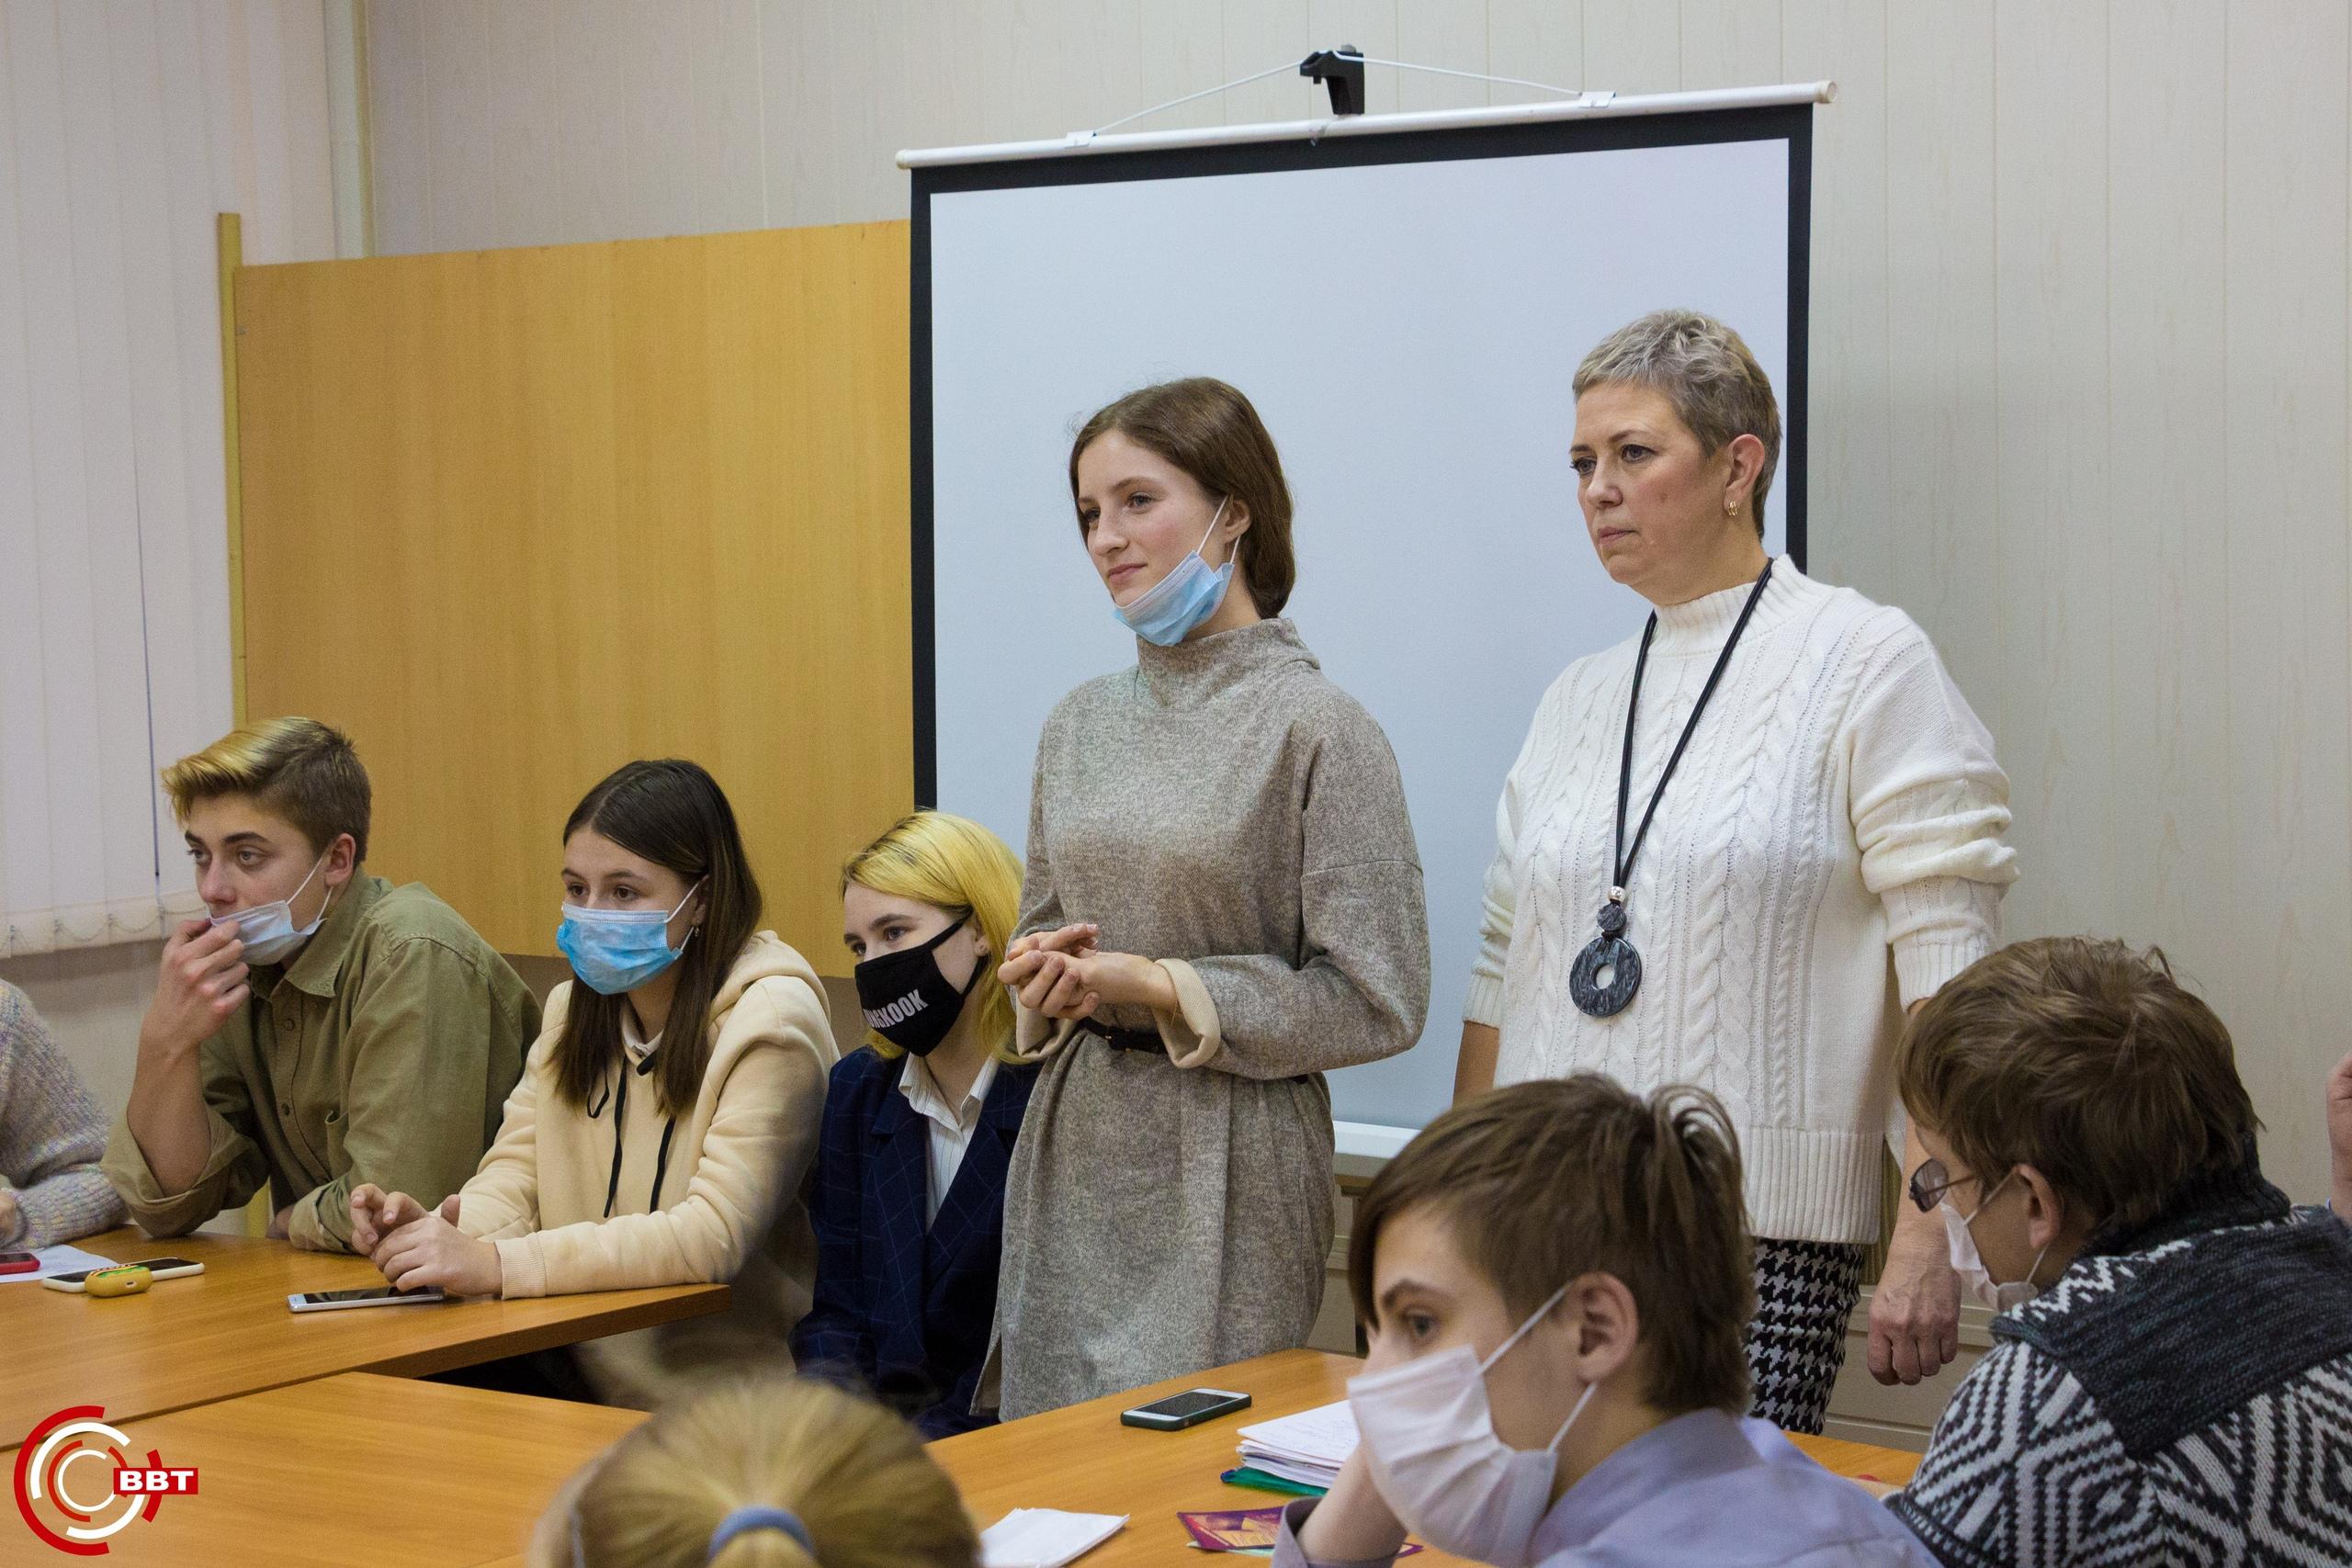 Вышневолоцкая молодежь встретилась с ровесниками-журналистами